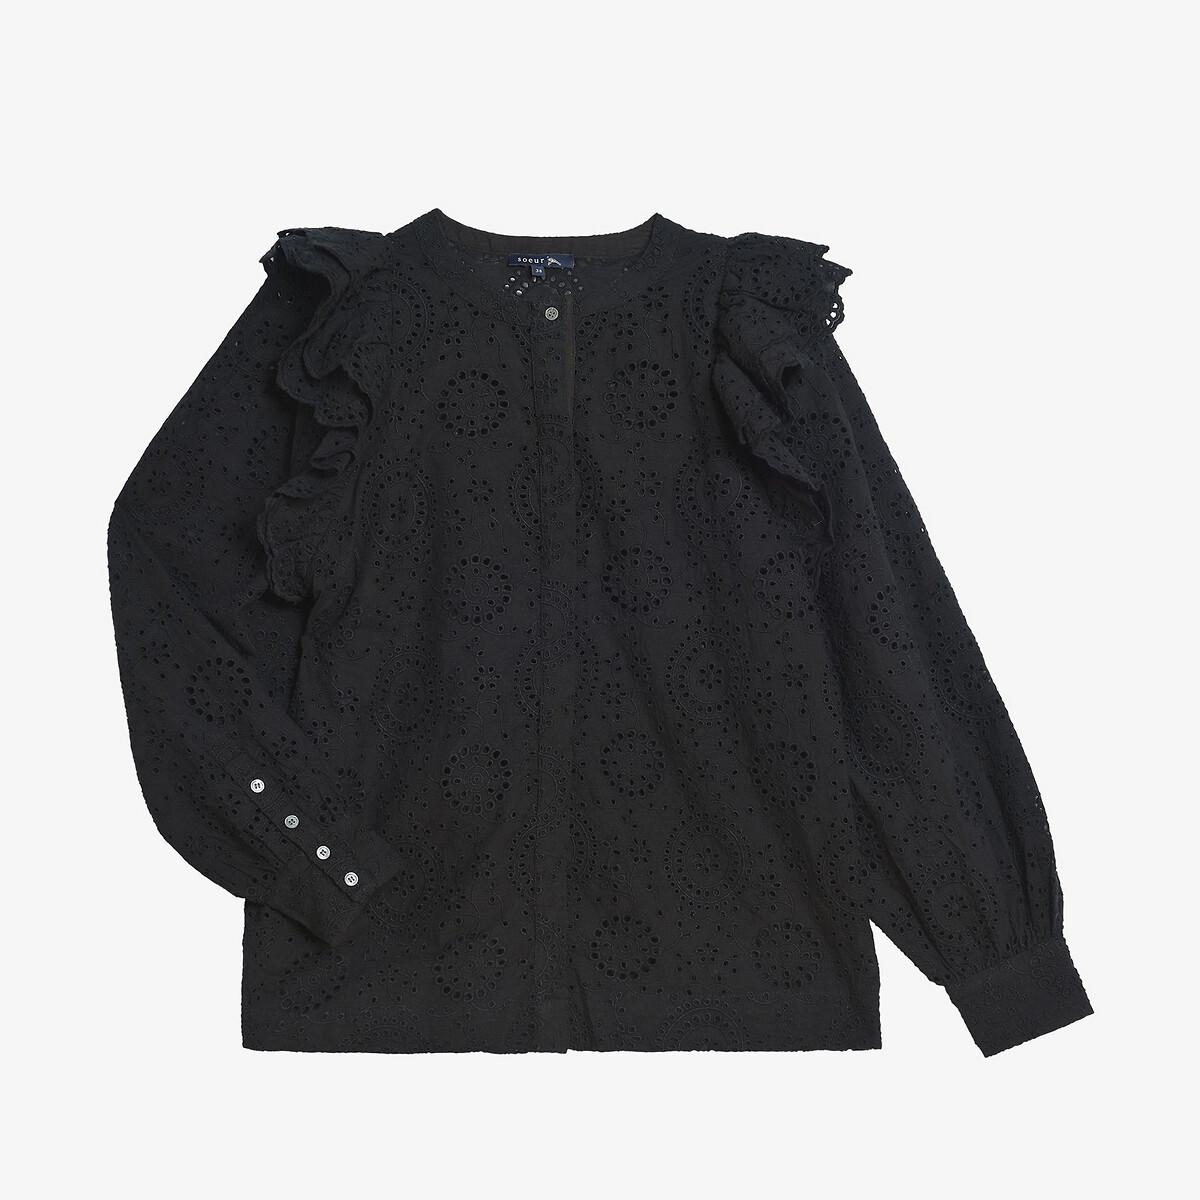 Блузка La Redoute С круглым вырезом длинные рукава INESA 40 (FR) - 46 (RUS) черный свитшот la redoute с круглым вырезом и вышивкой s черный